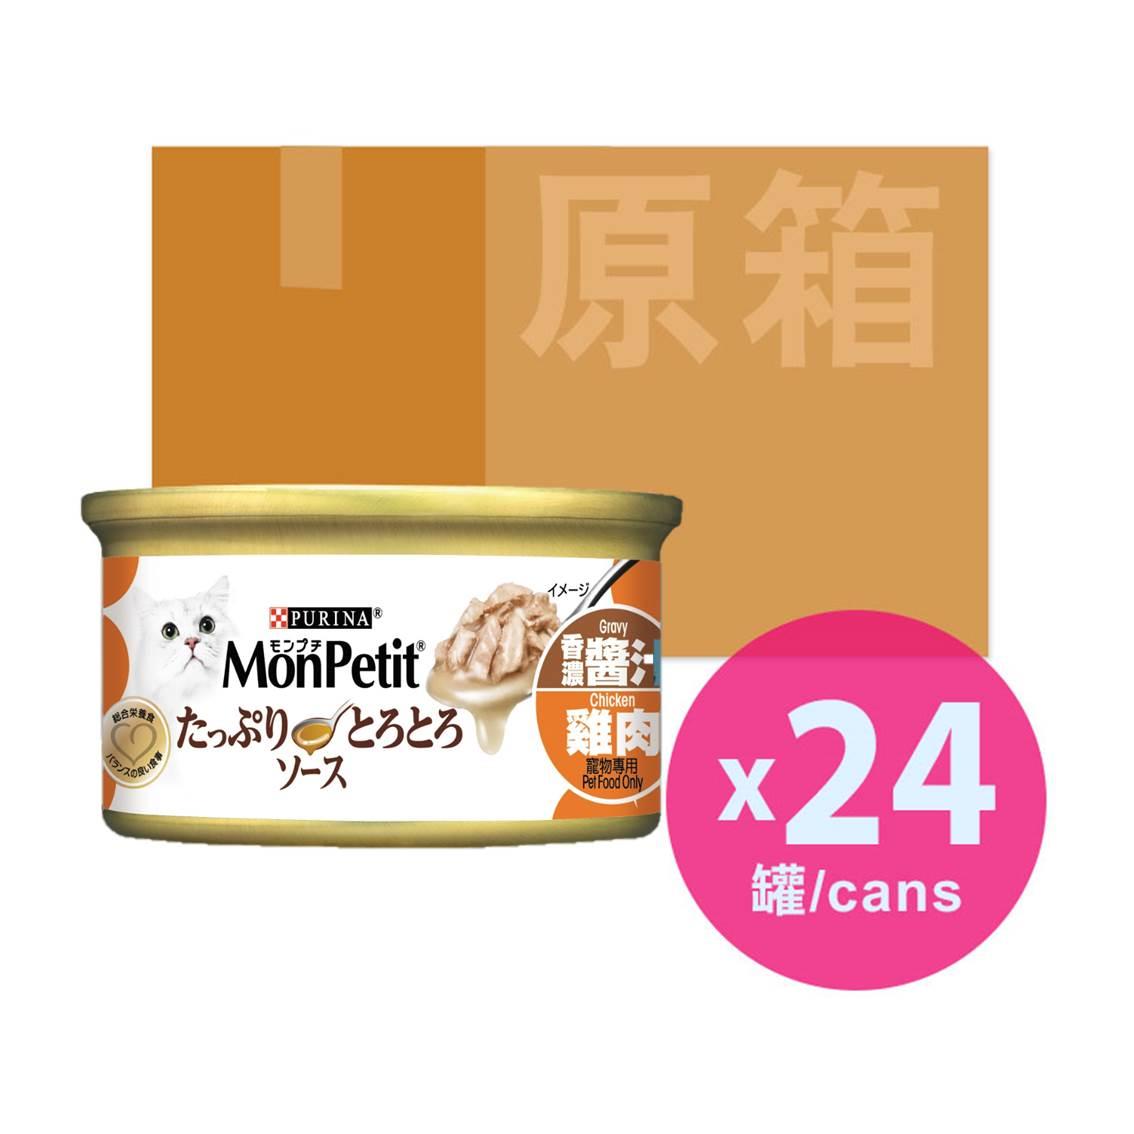 MON PETIT原箱至尊香濃醬汁雞肉24X85G